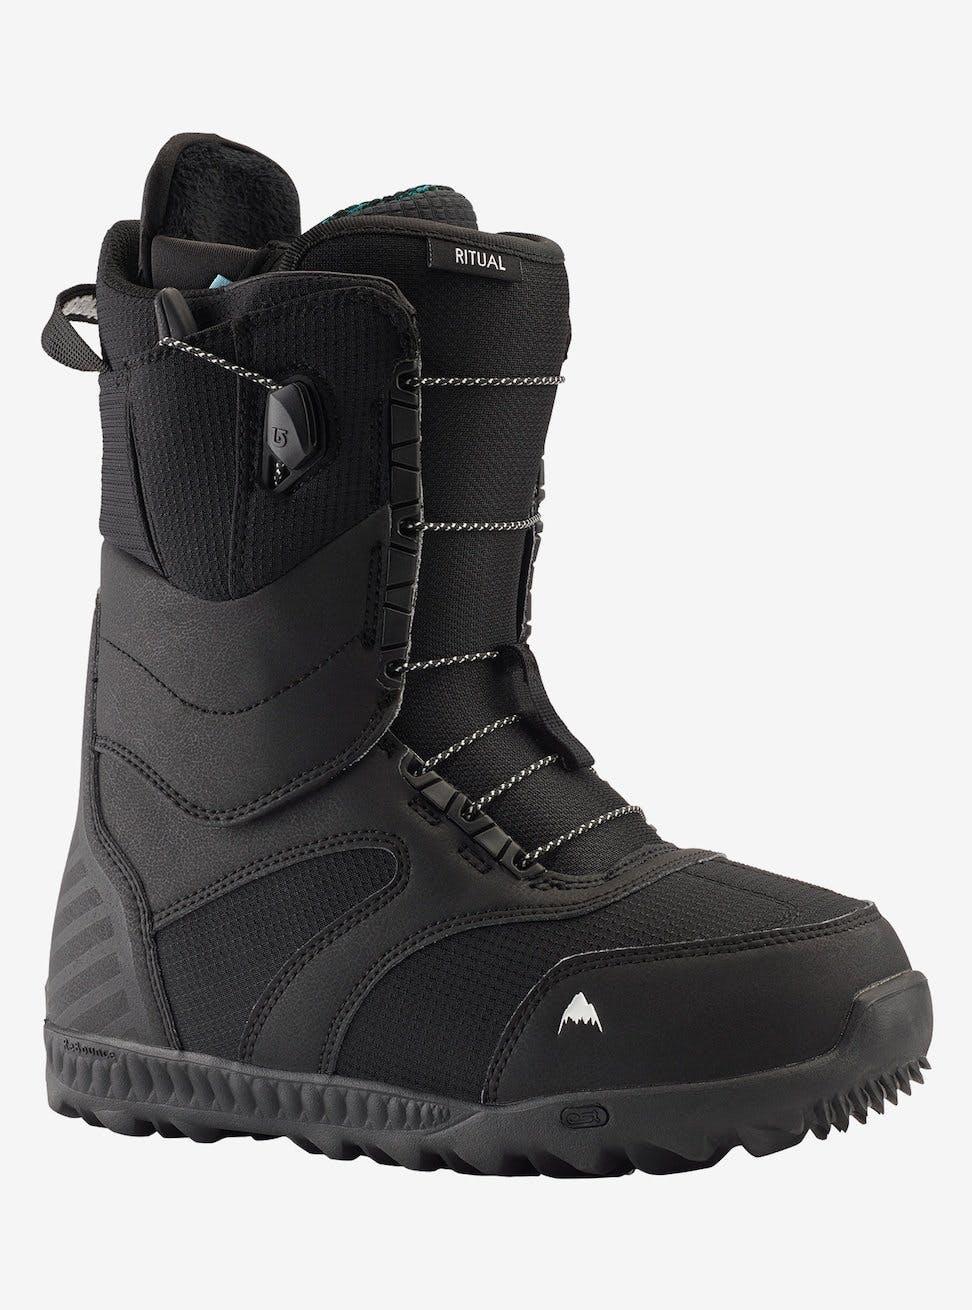 Burton Ritual Snowboard Boots · 2021